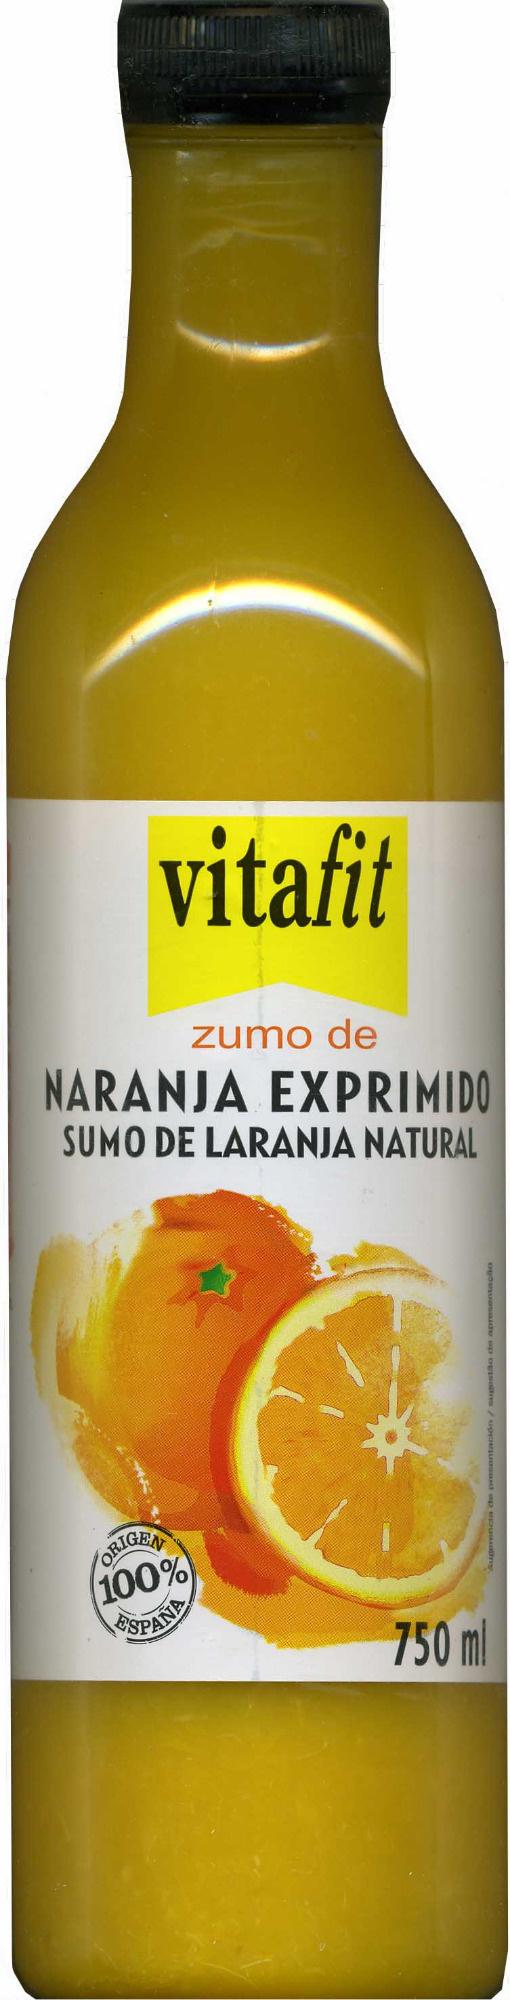 Zumo de Naranja Exprimido - Product